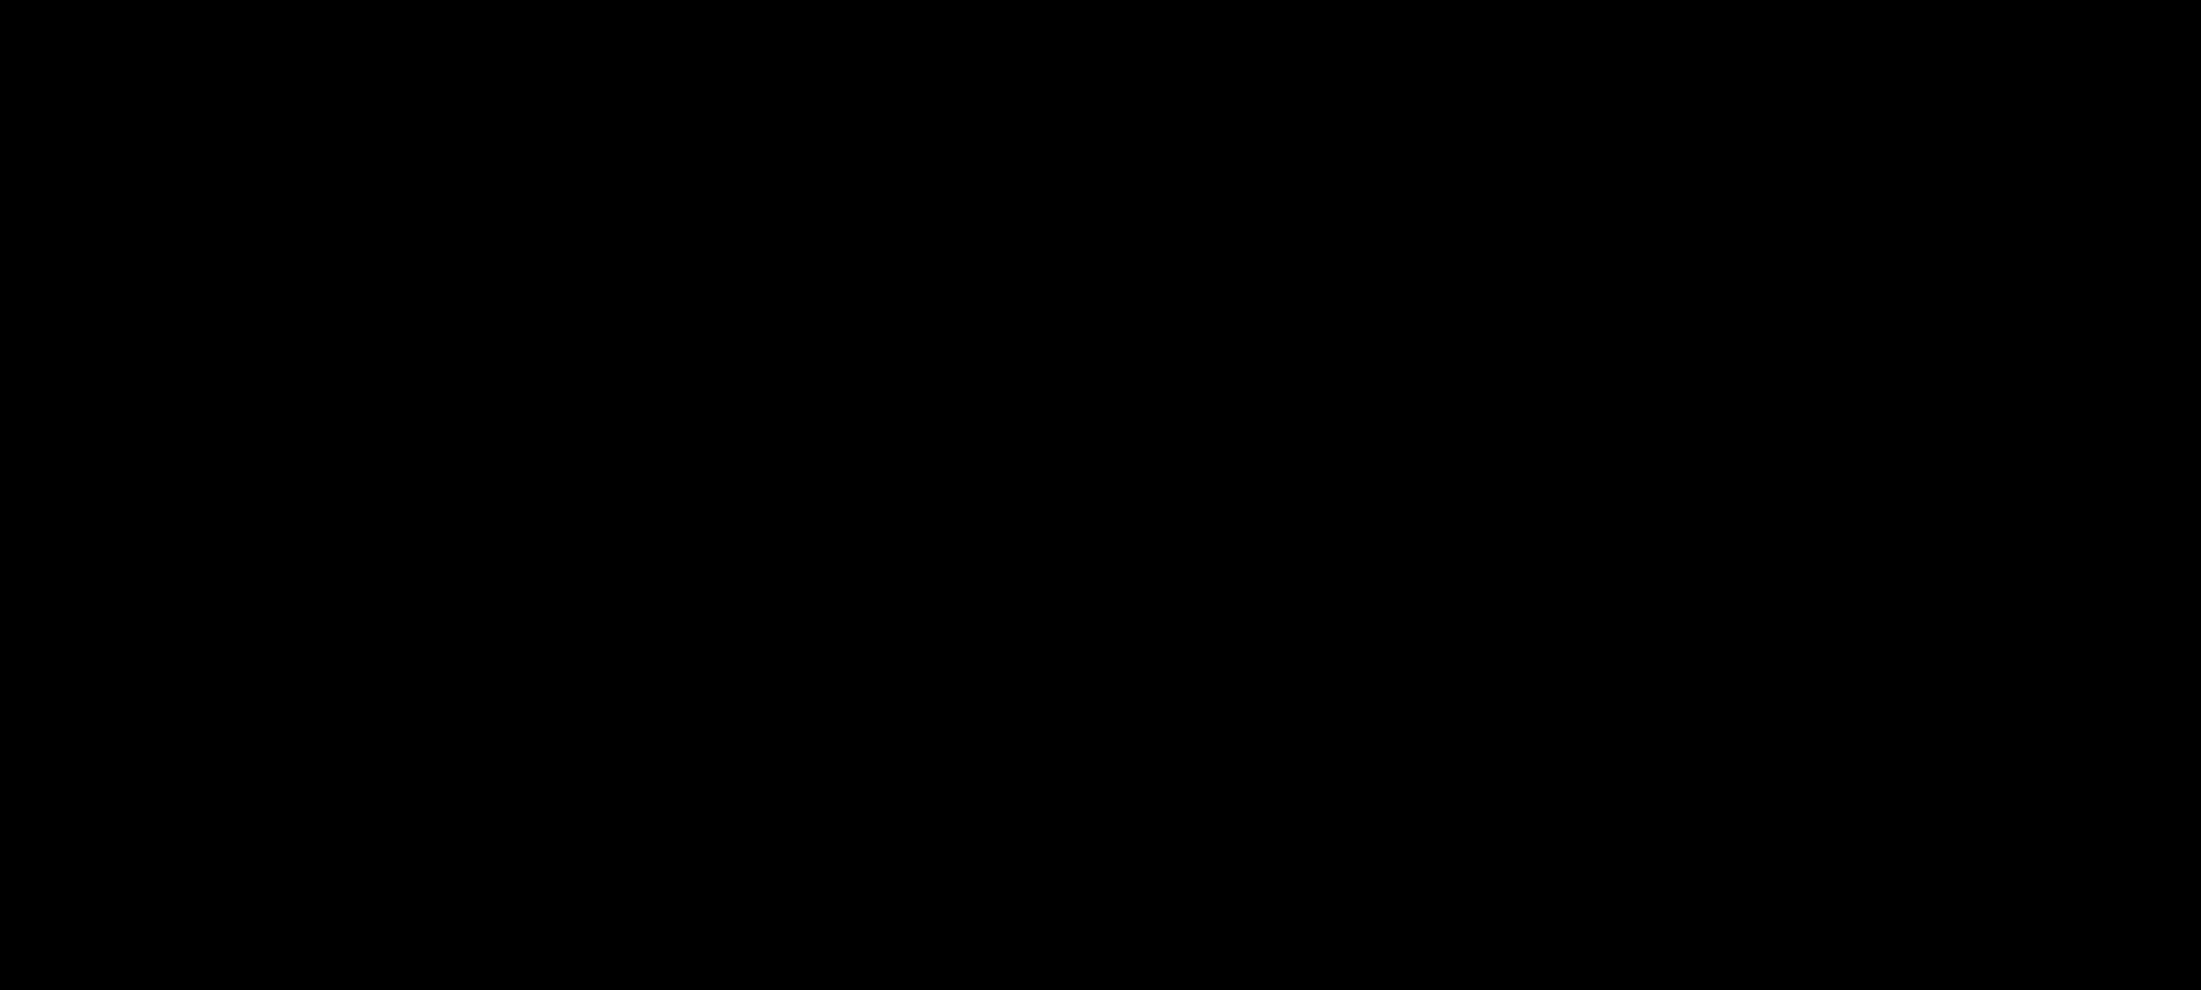 z-render-kl.4